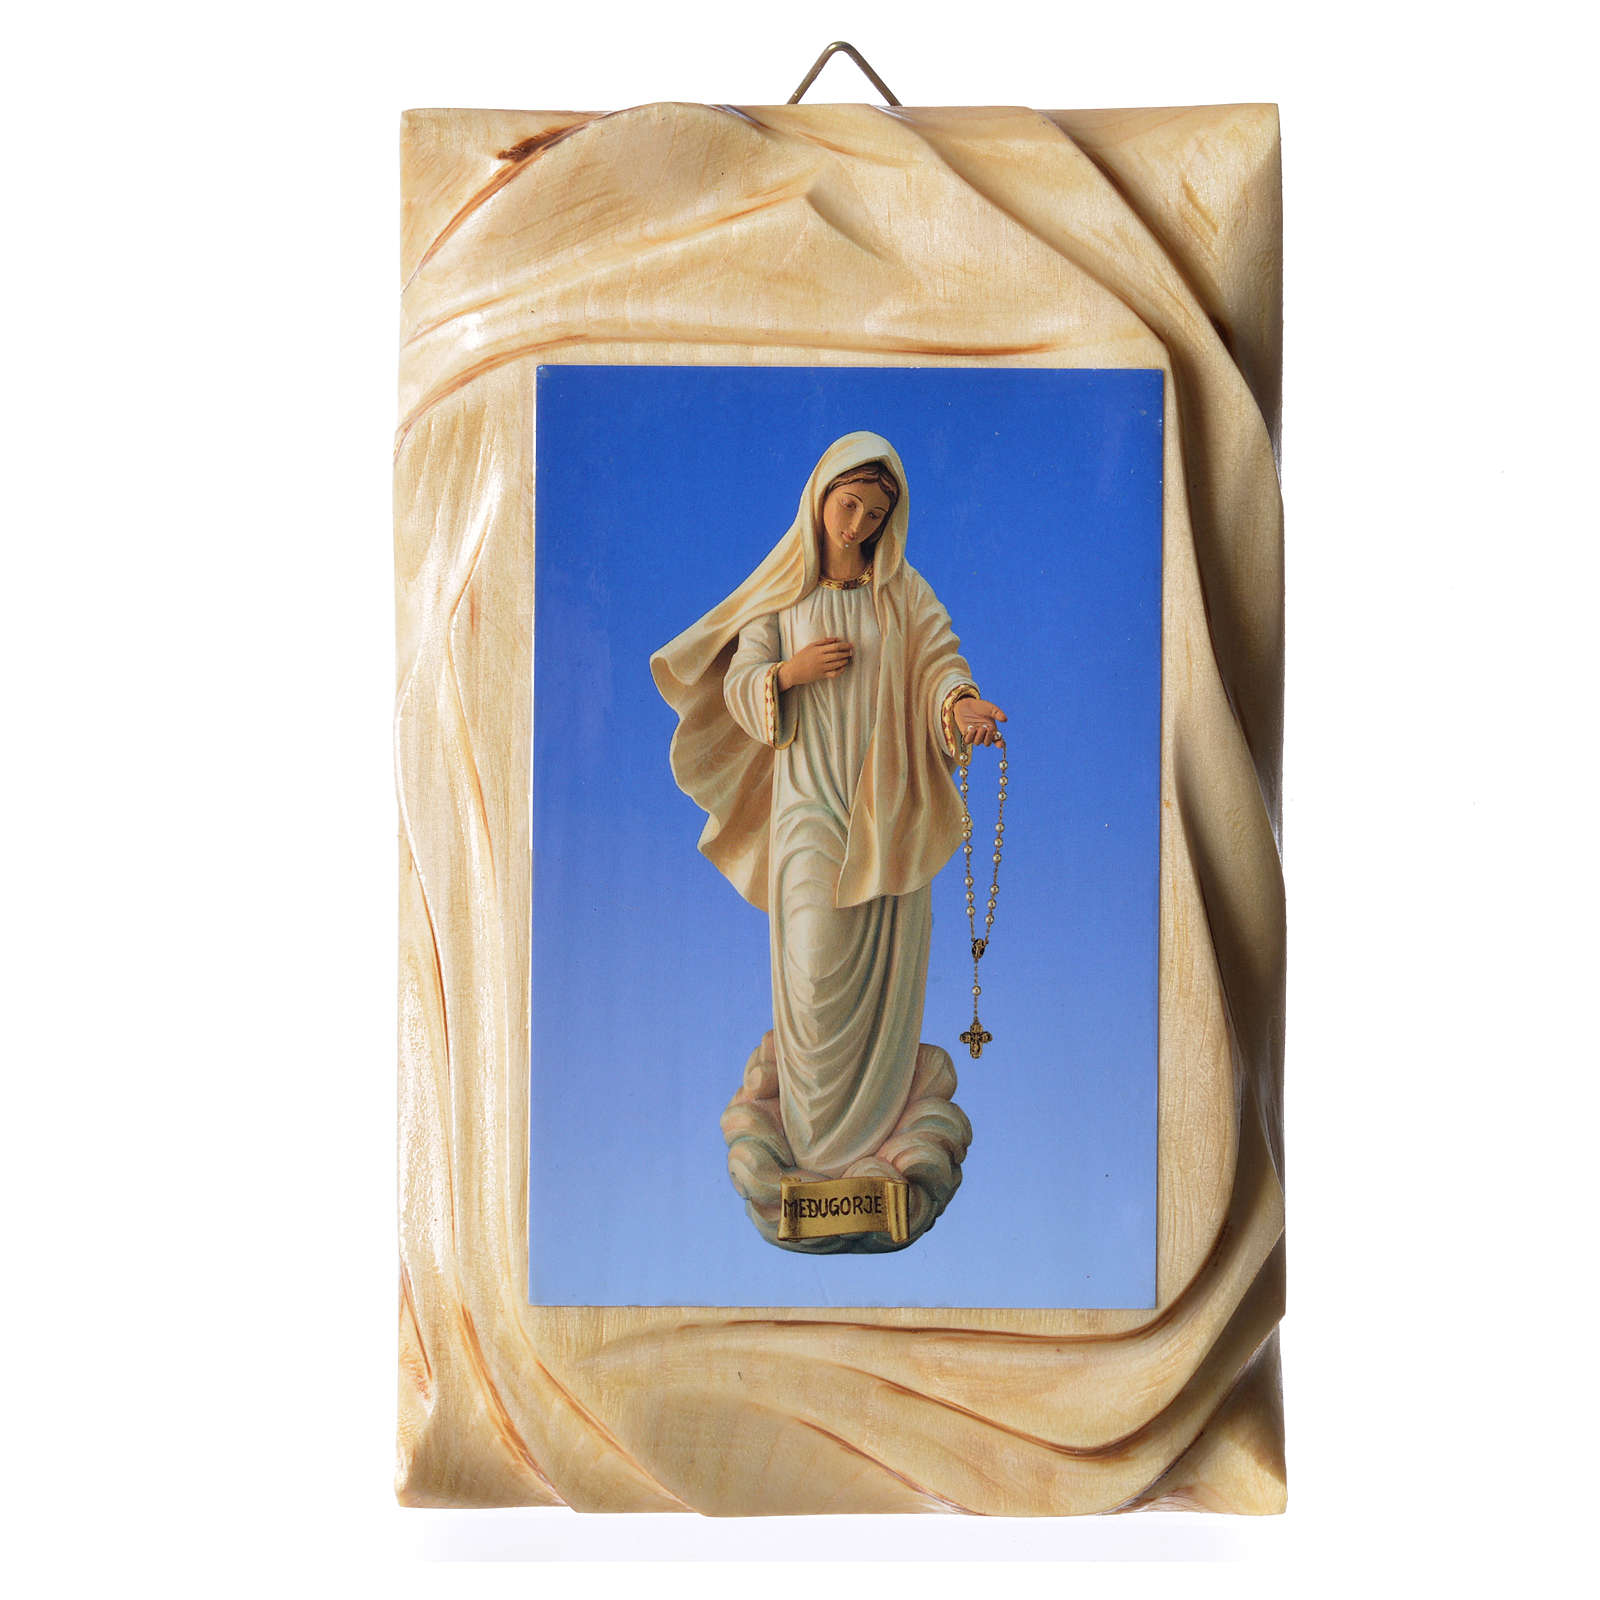 Quadretto legno stampa Madonna Medjugorje 17x11 cm 4